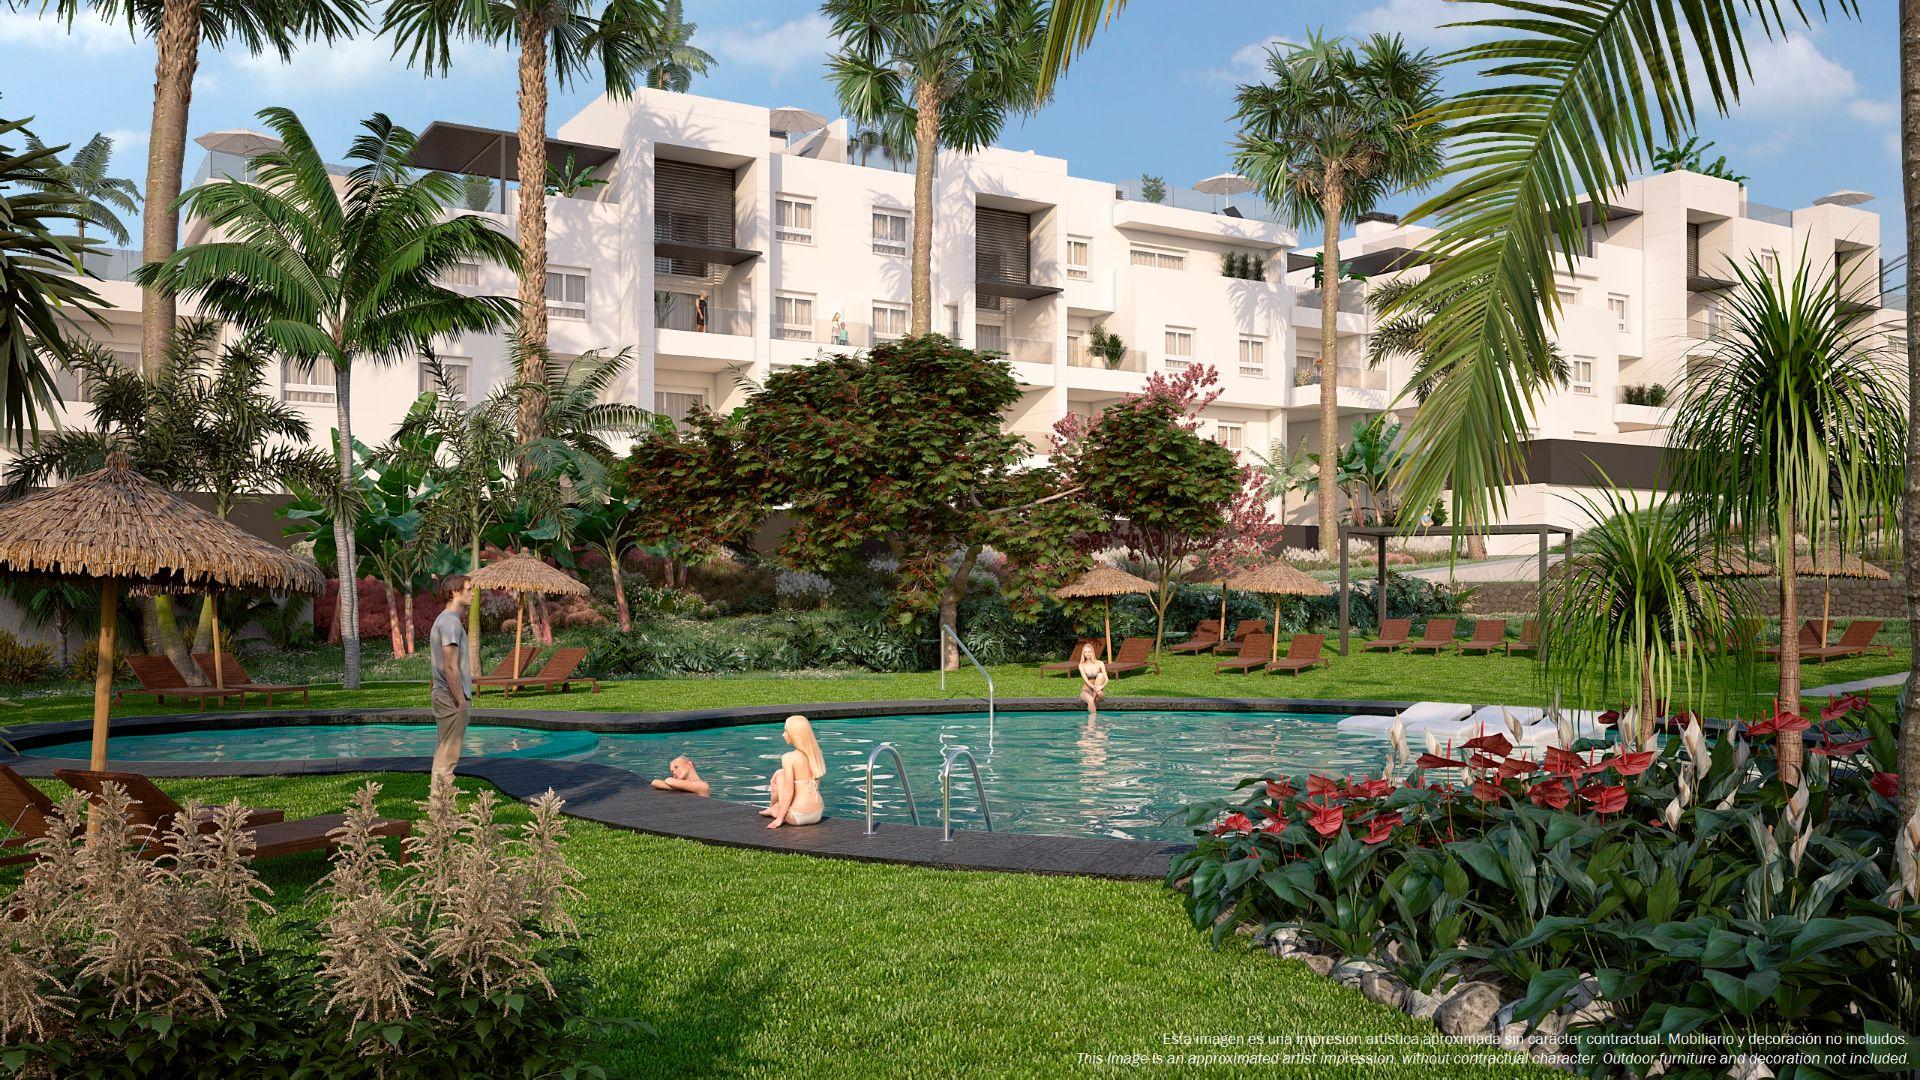 Apartment in Orihuela Costa, PUNTA PRIMA, for sale